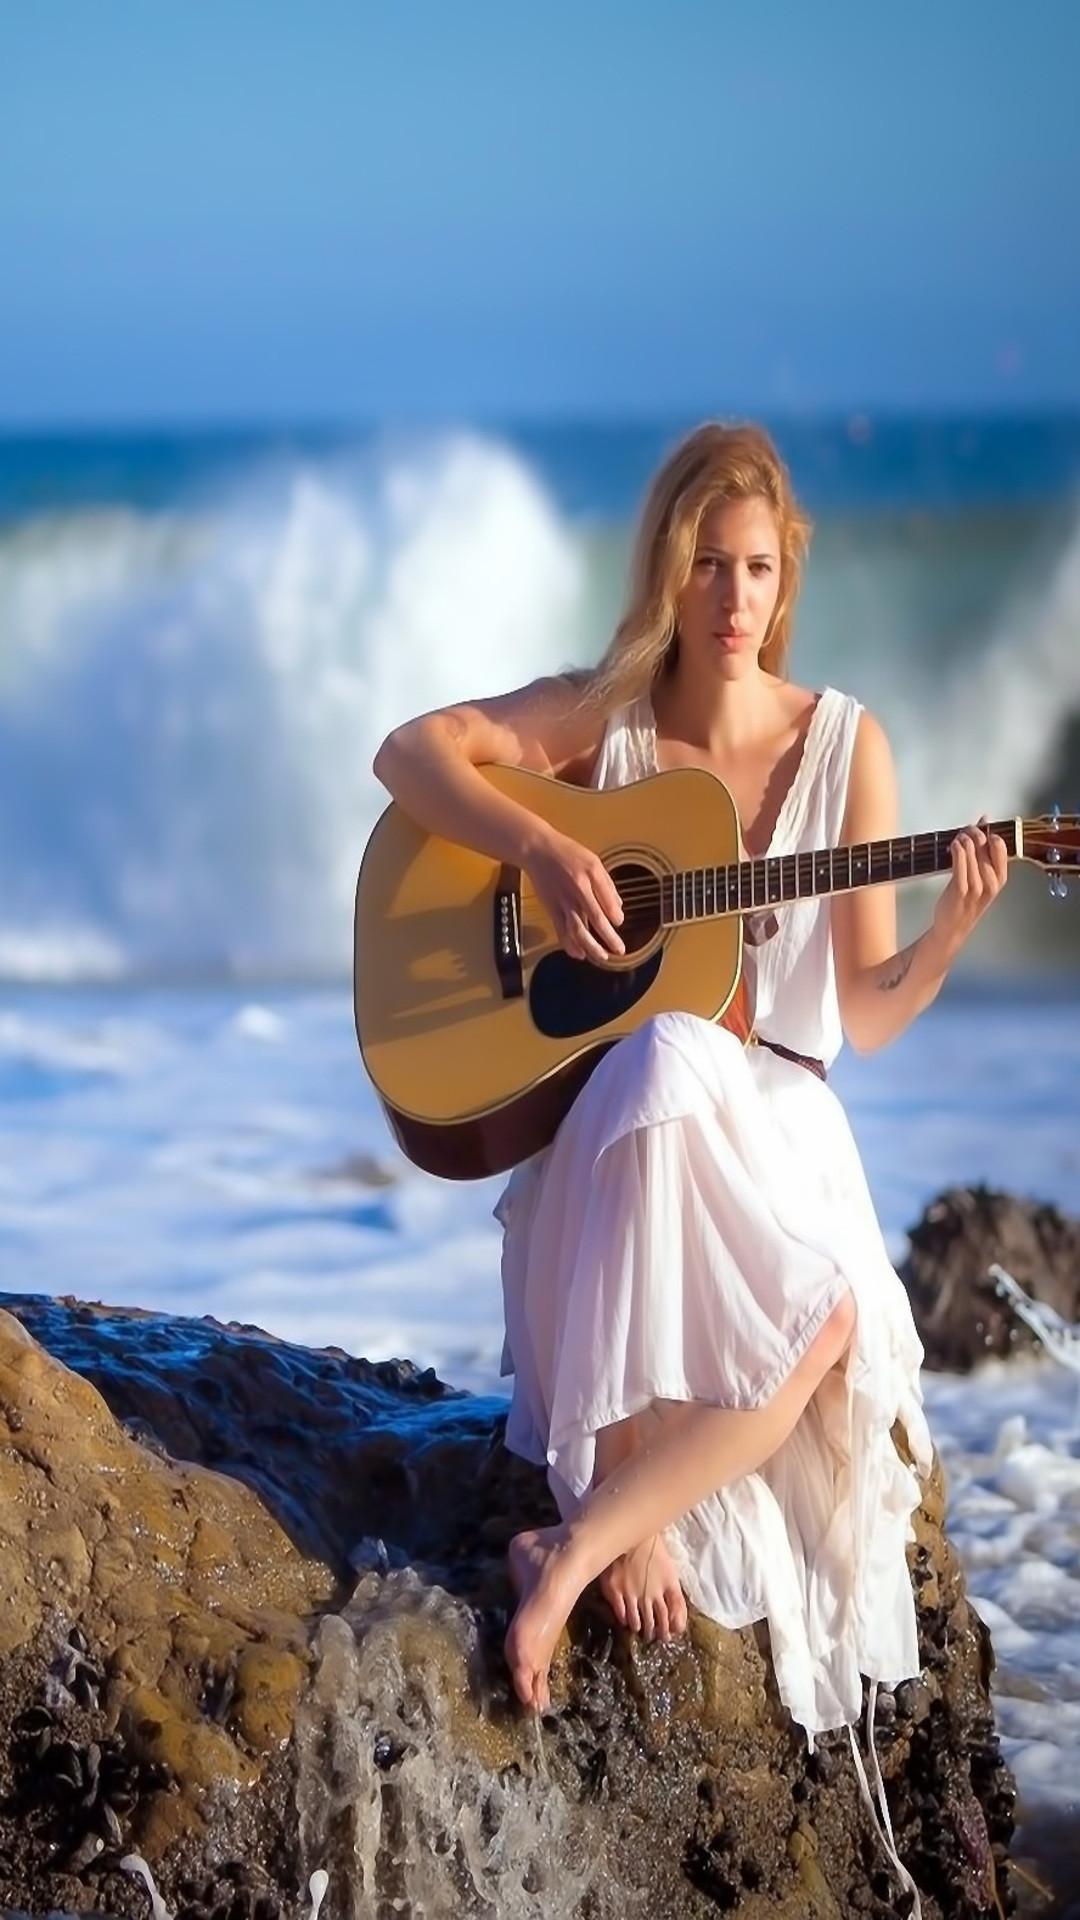 Res: 1080x1920, Beautiful girl play Guitar at seashore iphone wallpapers